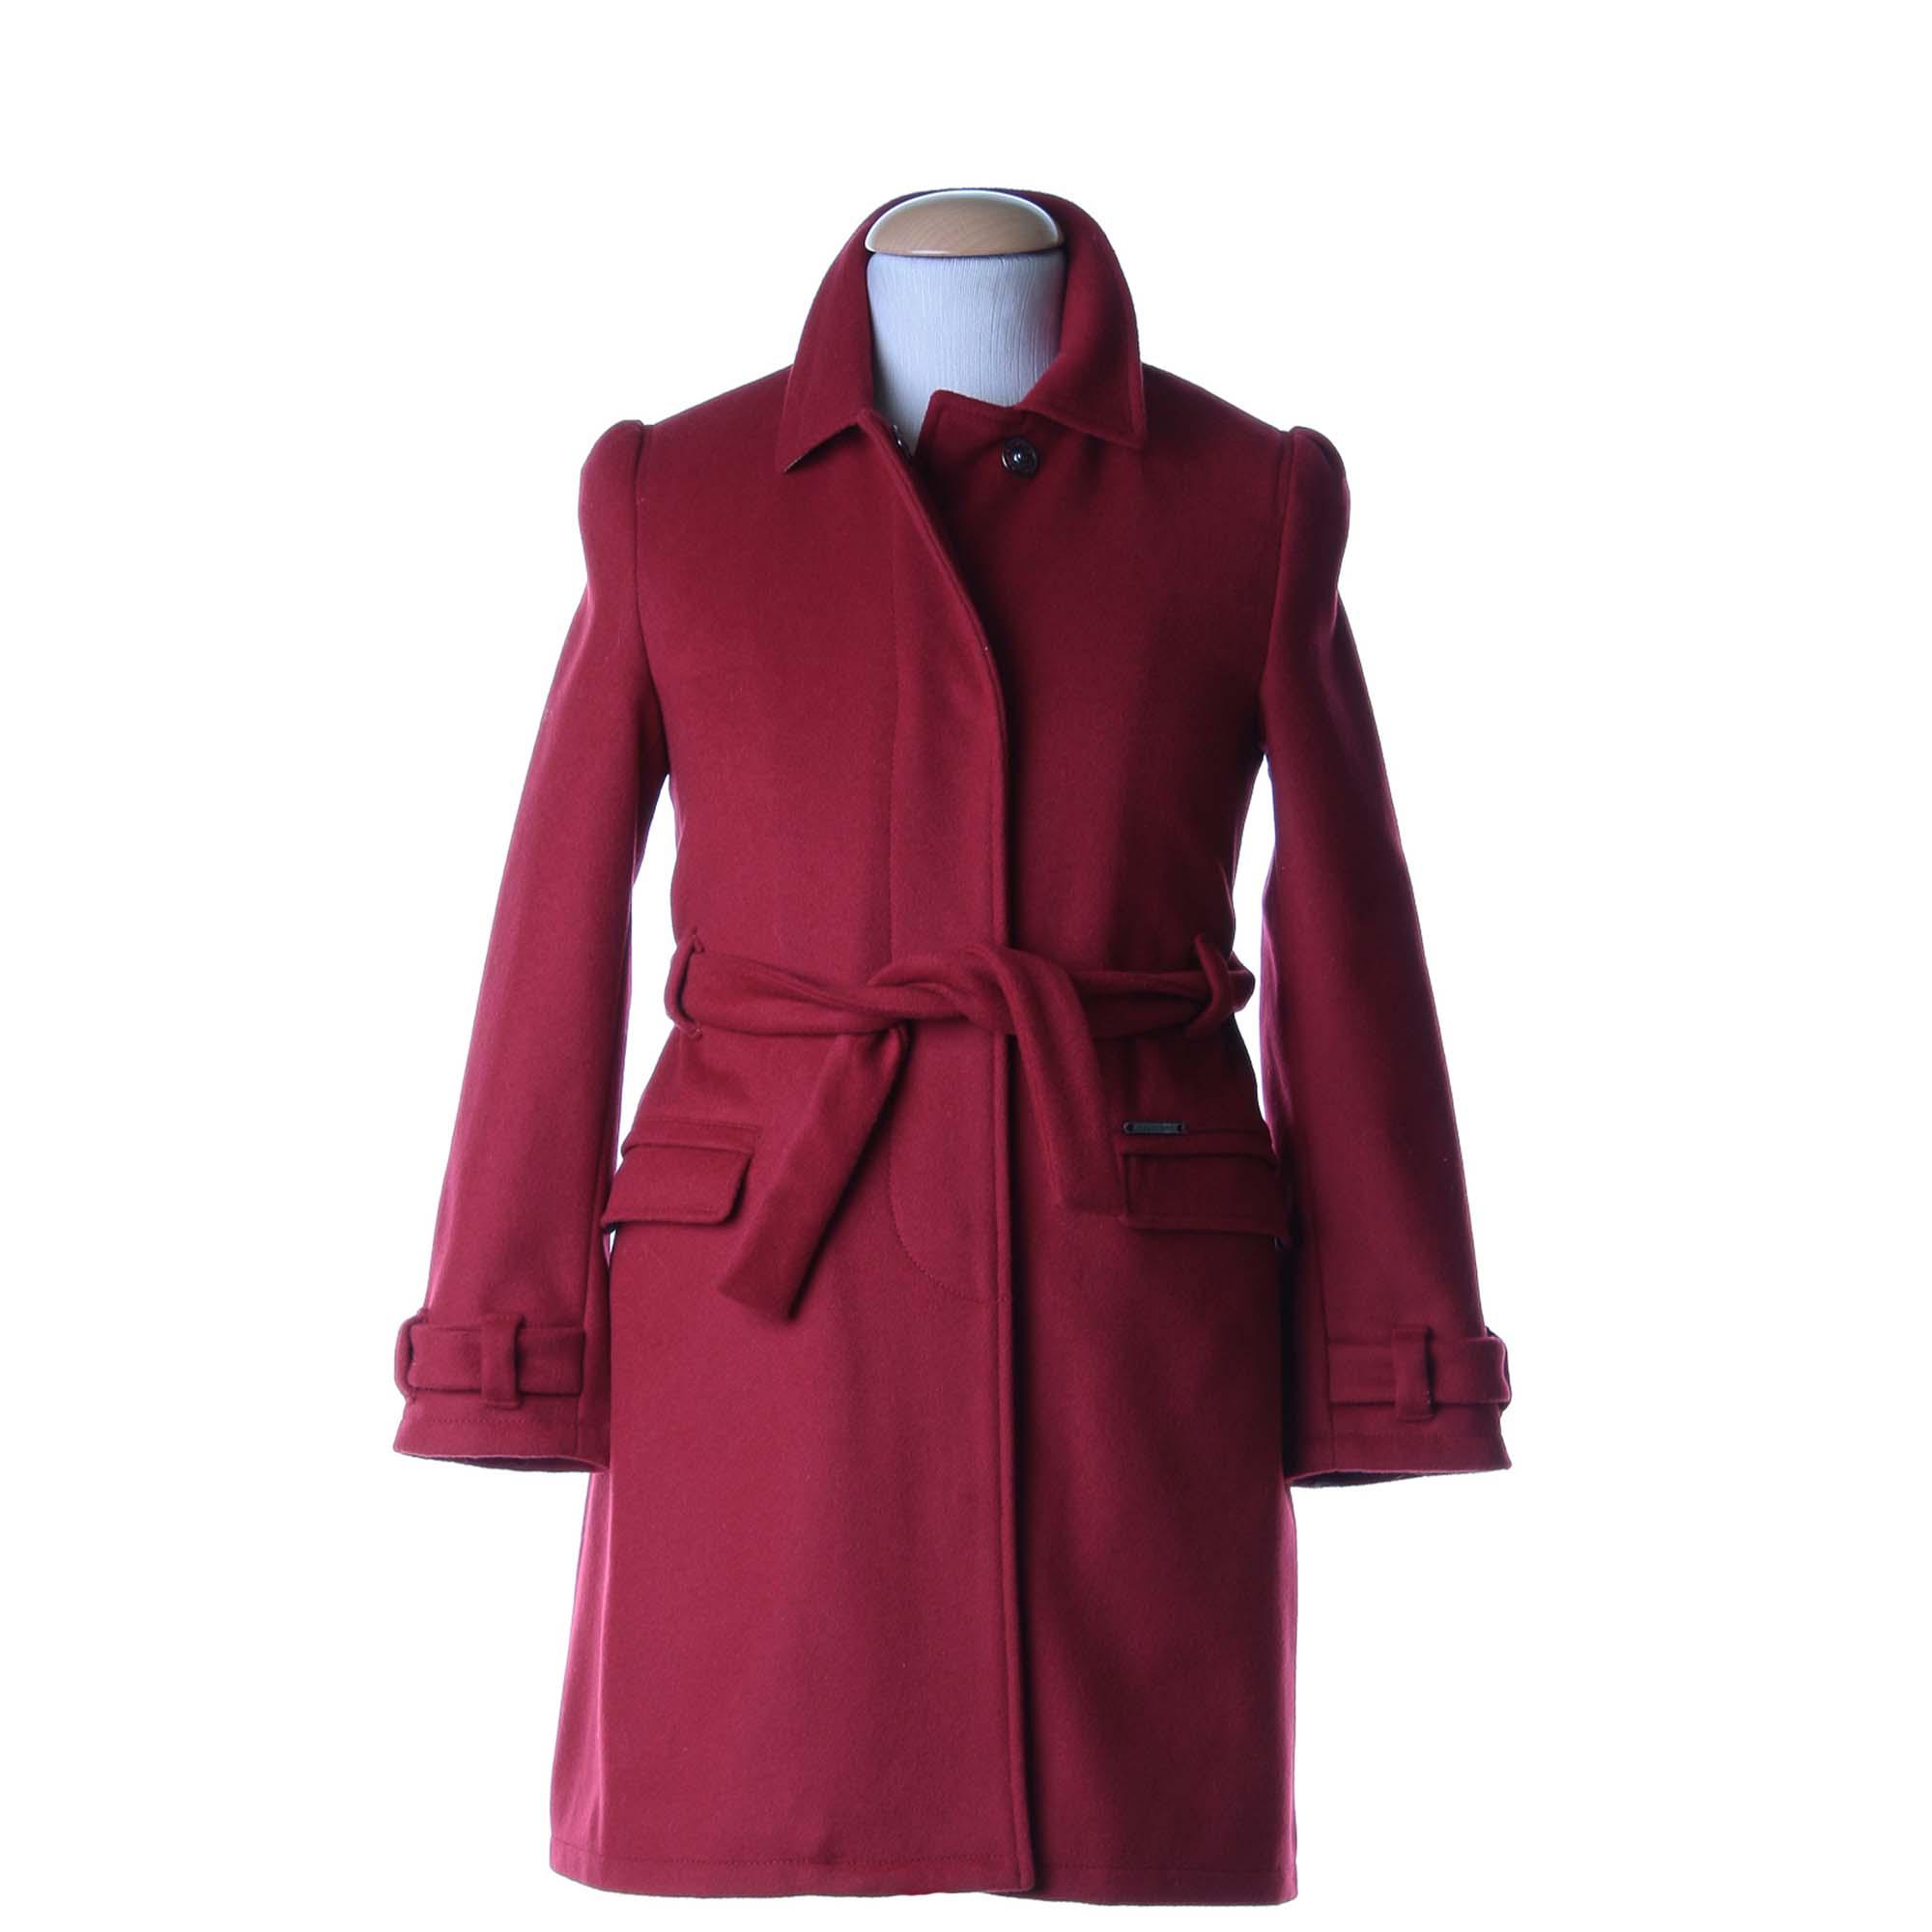 Burberry Väska Rosa : Burberry trench coat rosa violetto annameglio